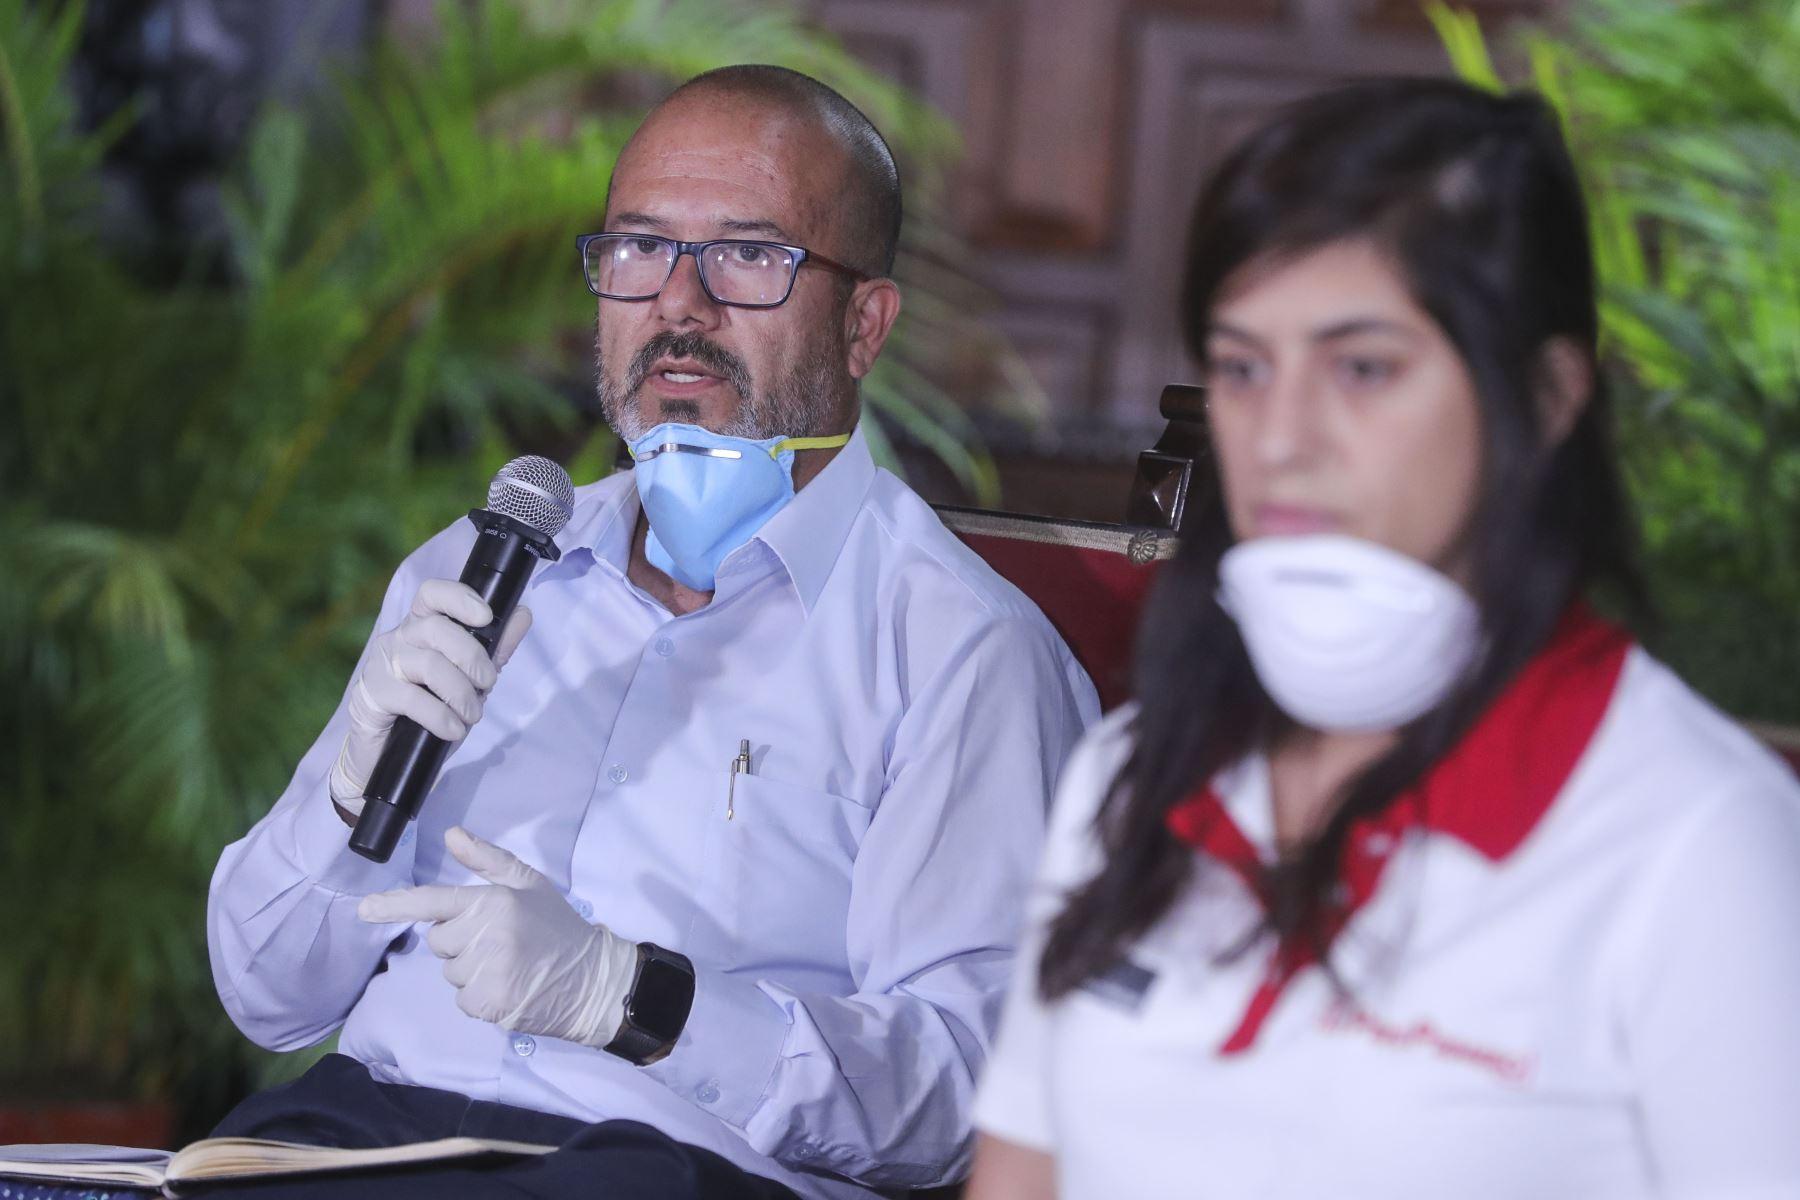 Ministro de Salud Victor Zamora informa sobre las medidas y acciones que  esta implementando el sector salud, frente al  Estado de Emergencia Nacional. Foto:ANDINA/Prensa Presidencia